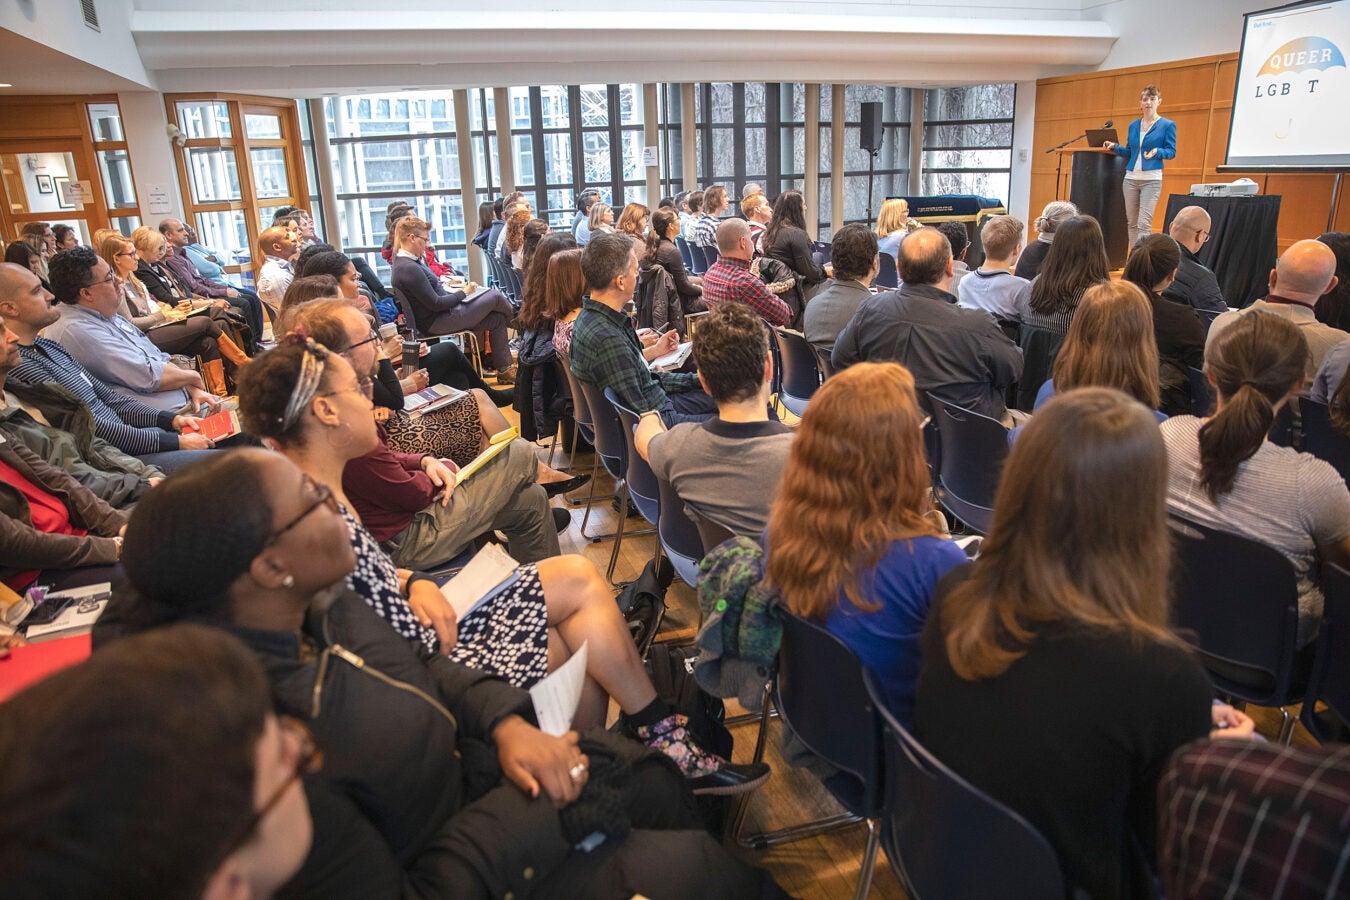 Diversity Dialogue talk